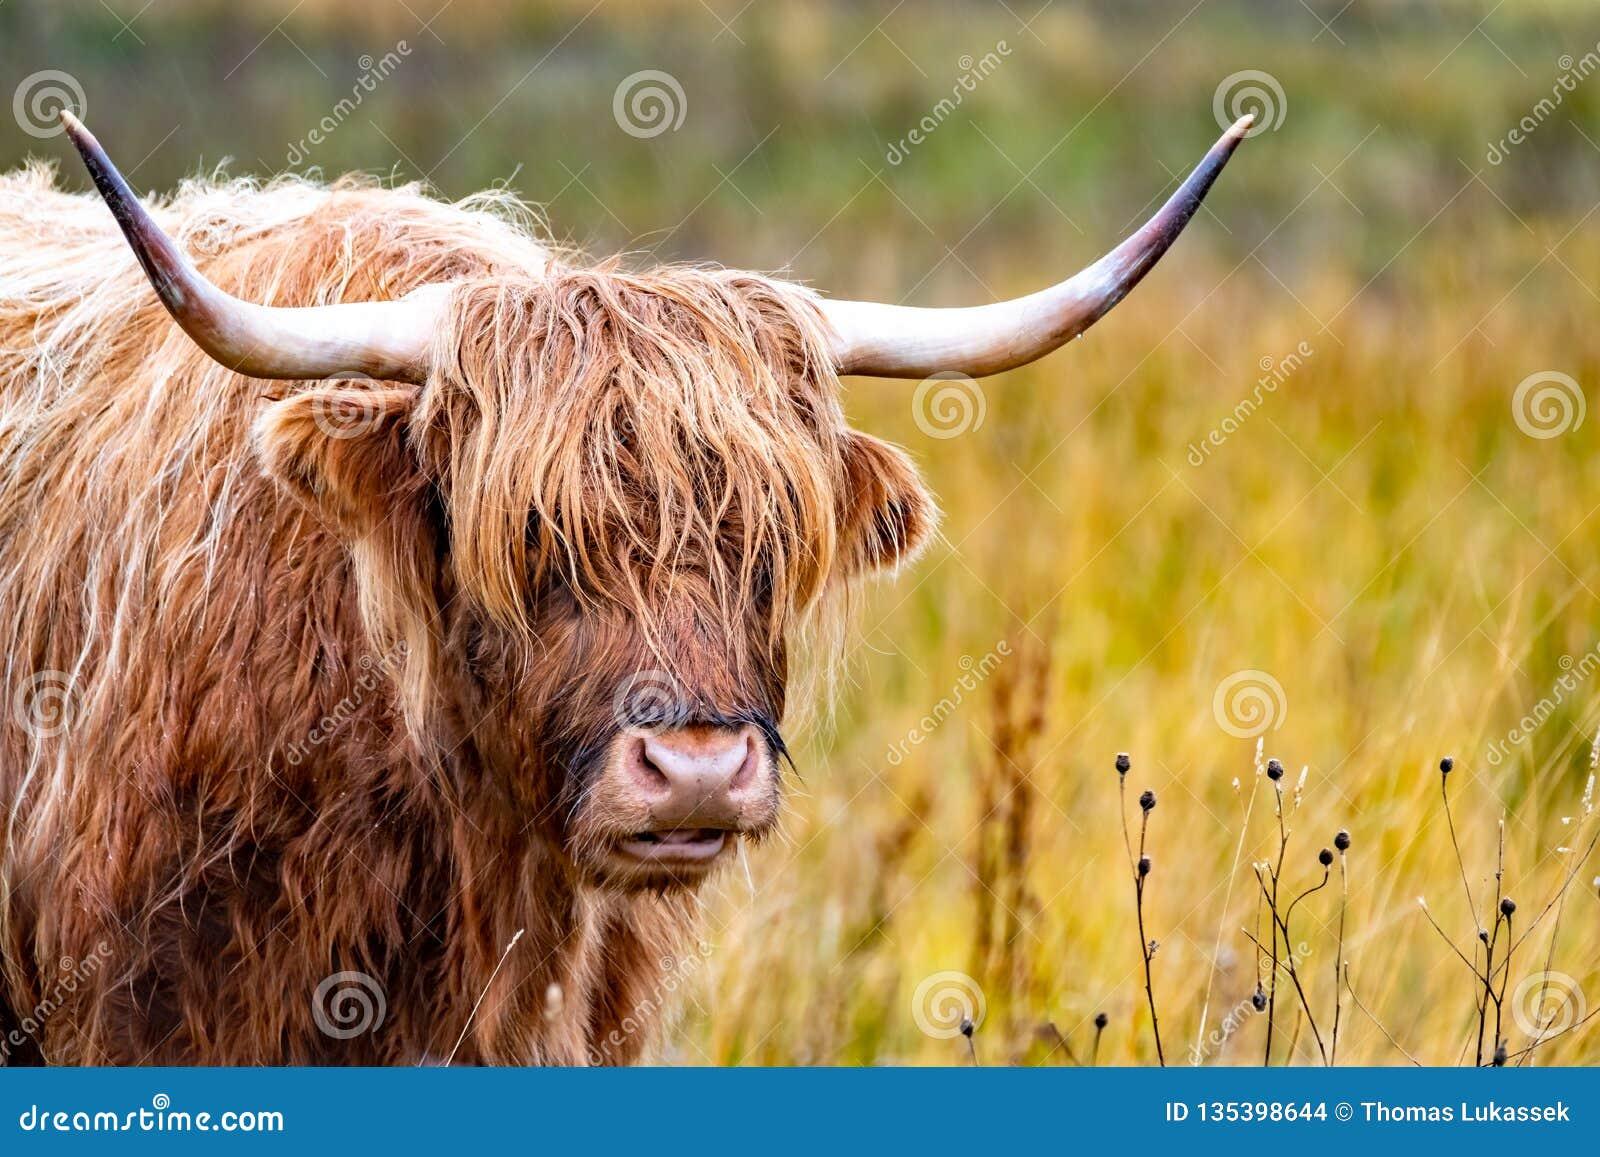 Скотины гористой местности - Bo Ghaidhealach - Heilan воркуют - шотландская порода скотин с характерными длинными рожками и длино